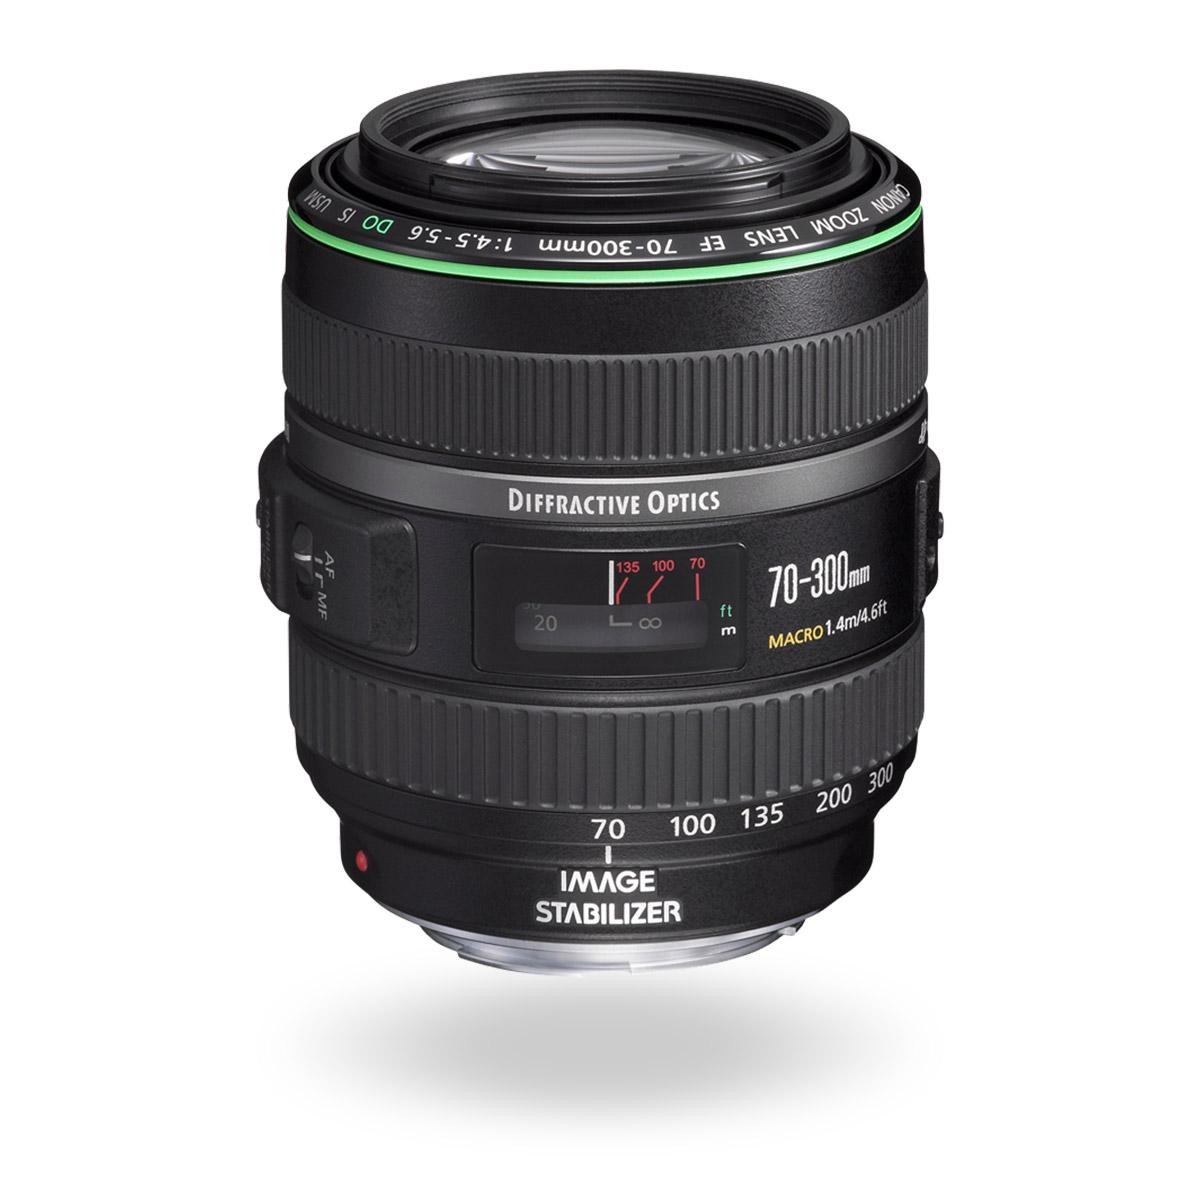 EF 70-300mm f/4.5-5.6 DO IS USM lens